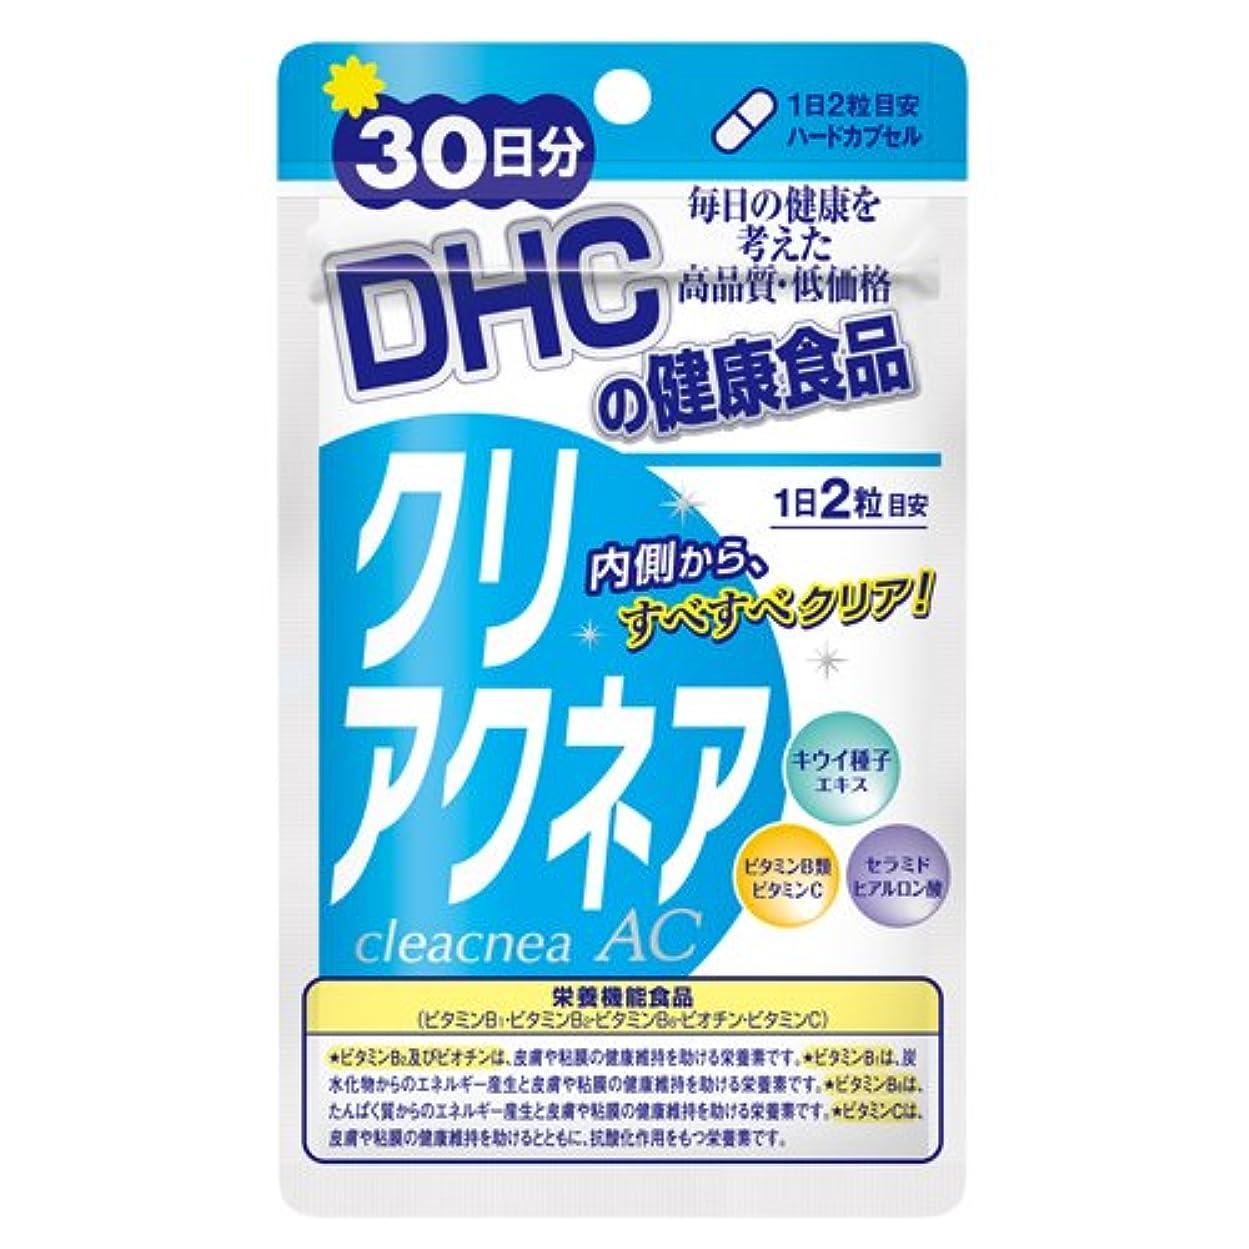 出血ピラミッド虫クリアクネア 30日分【栄養機能食品(ビタミンB1?ビタミンB2?ビタミンB6?ビオチン?ビタミンC)】